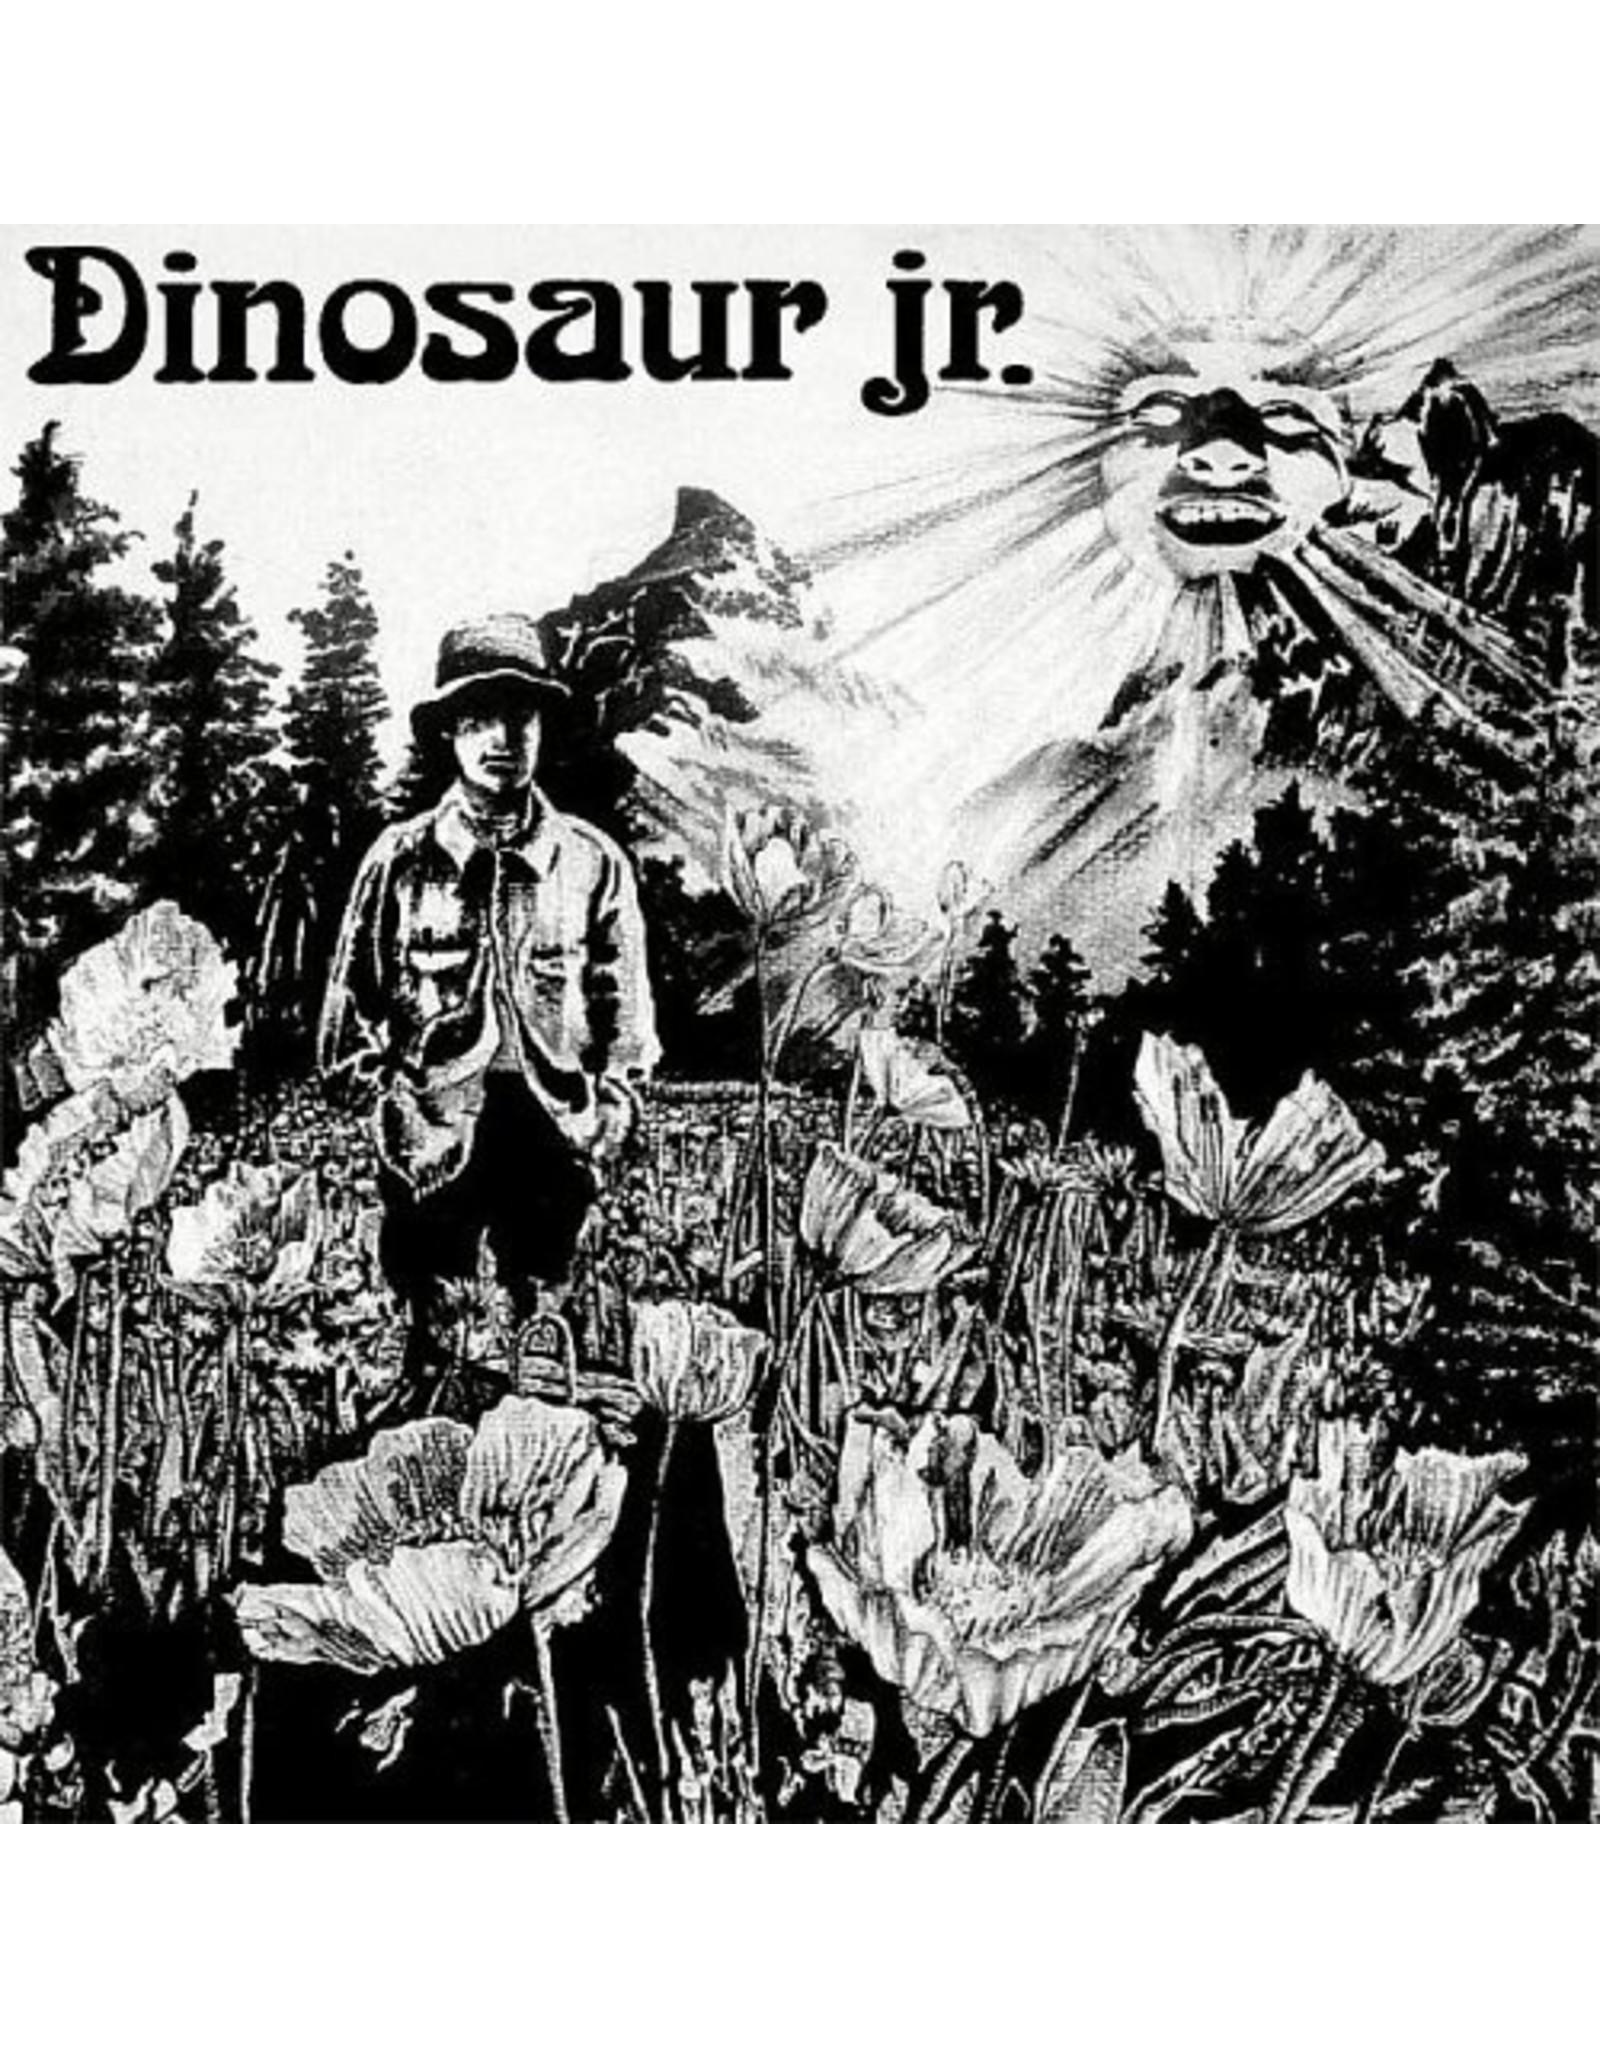 New Vinyl Dinosaur Jr. - Dinosaur LP